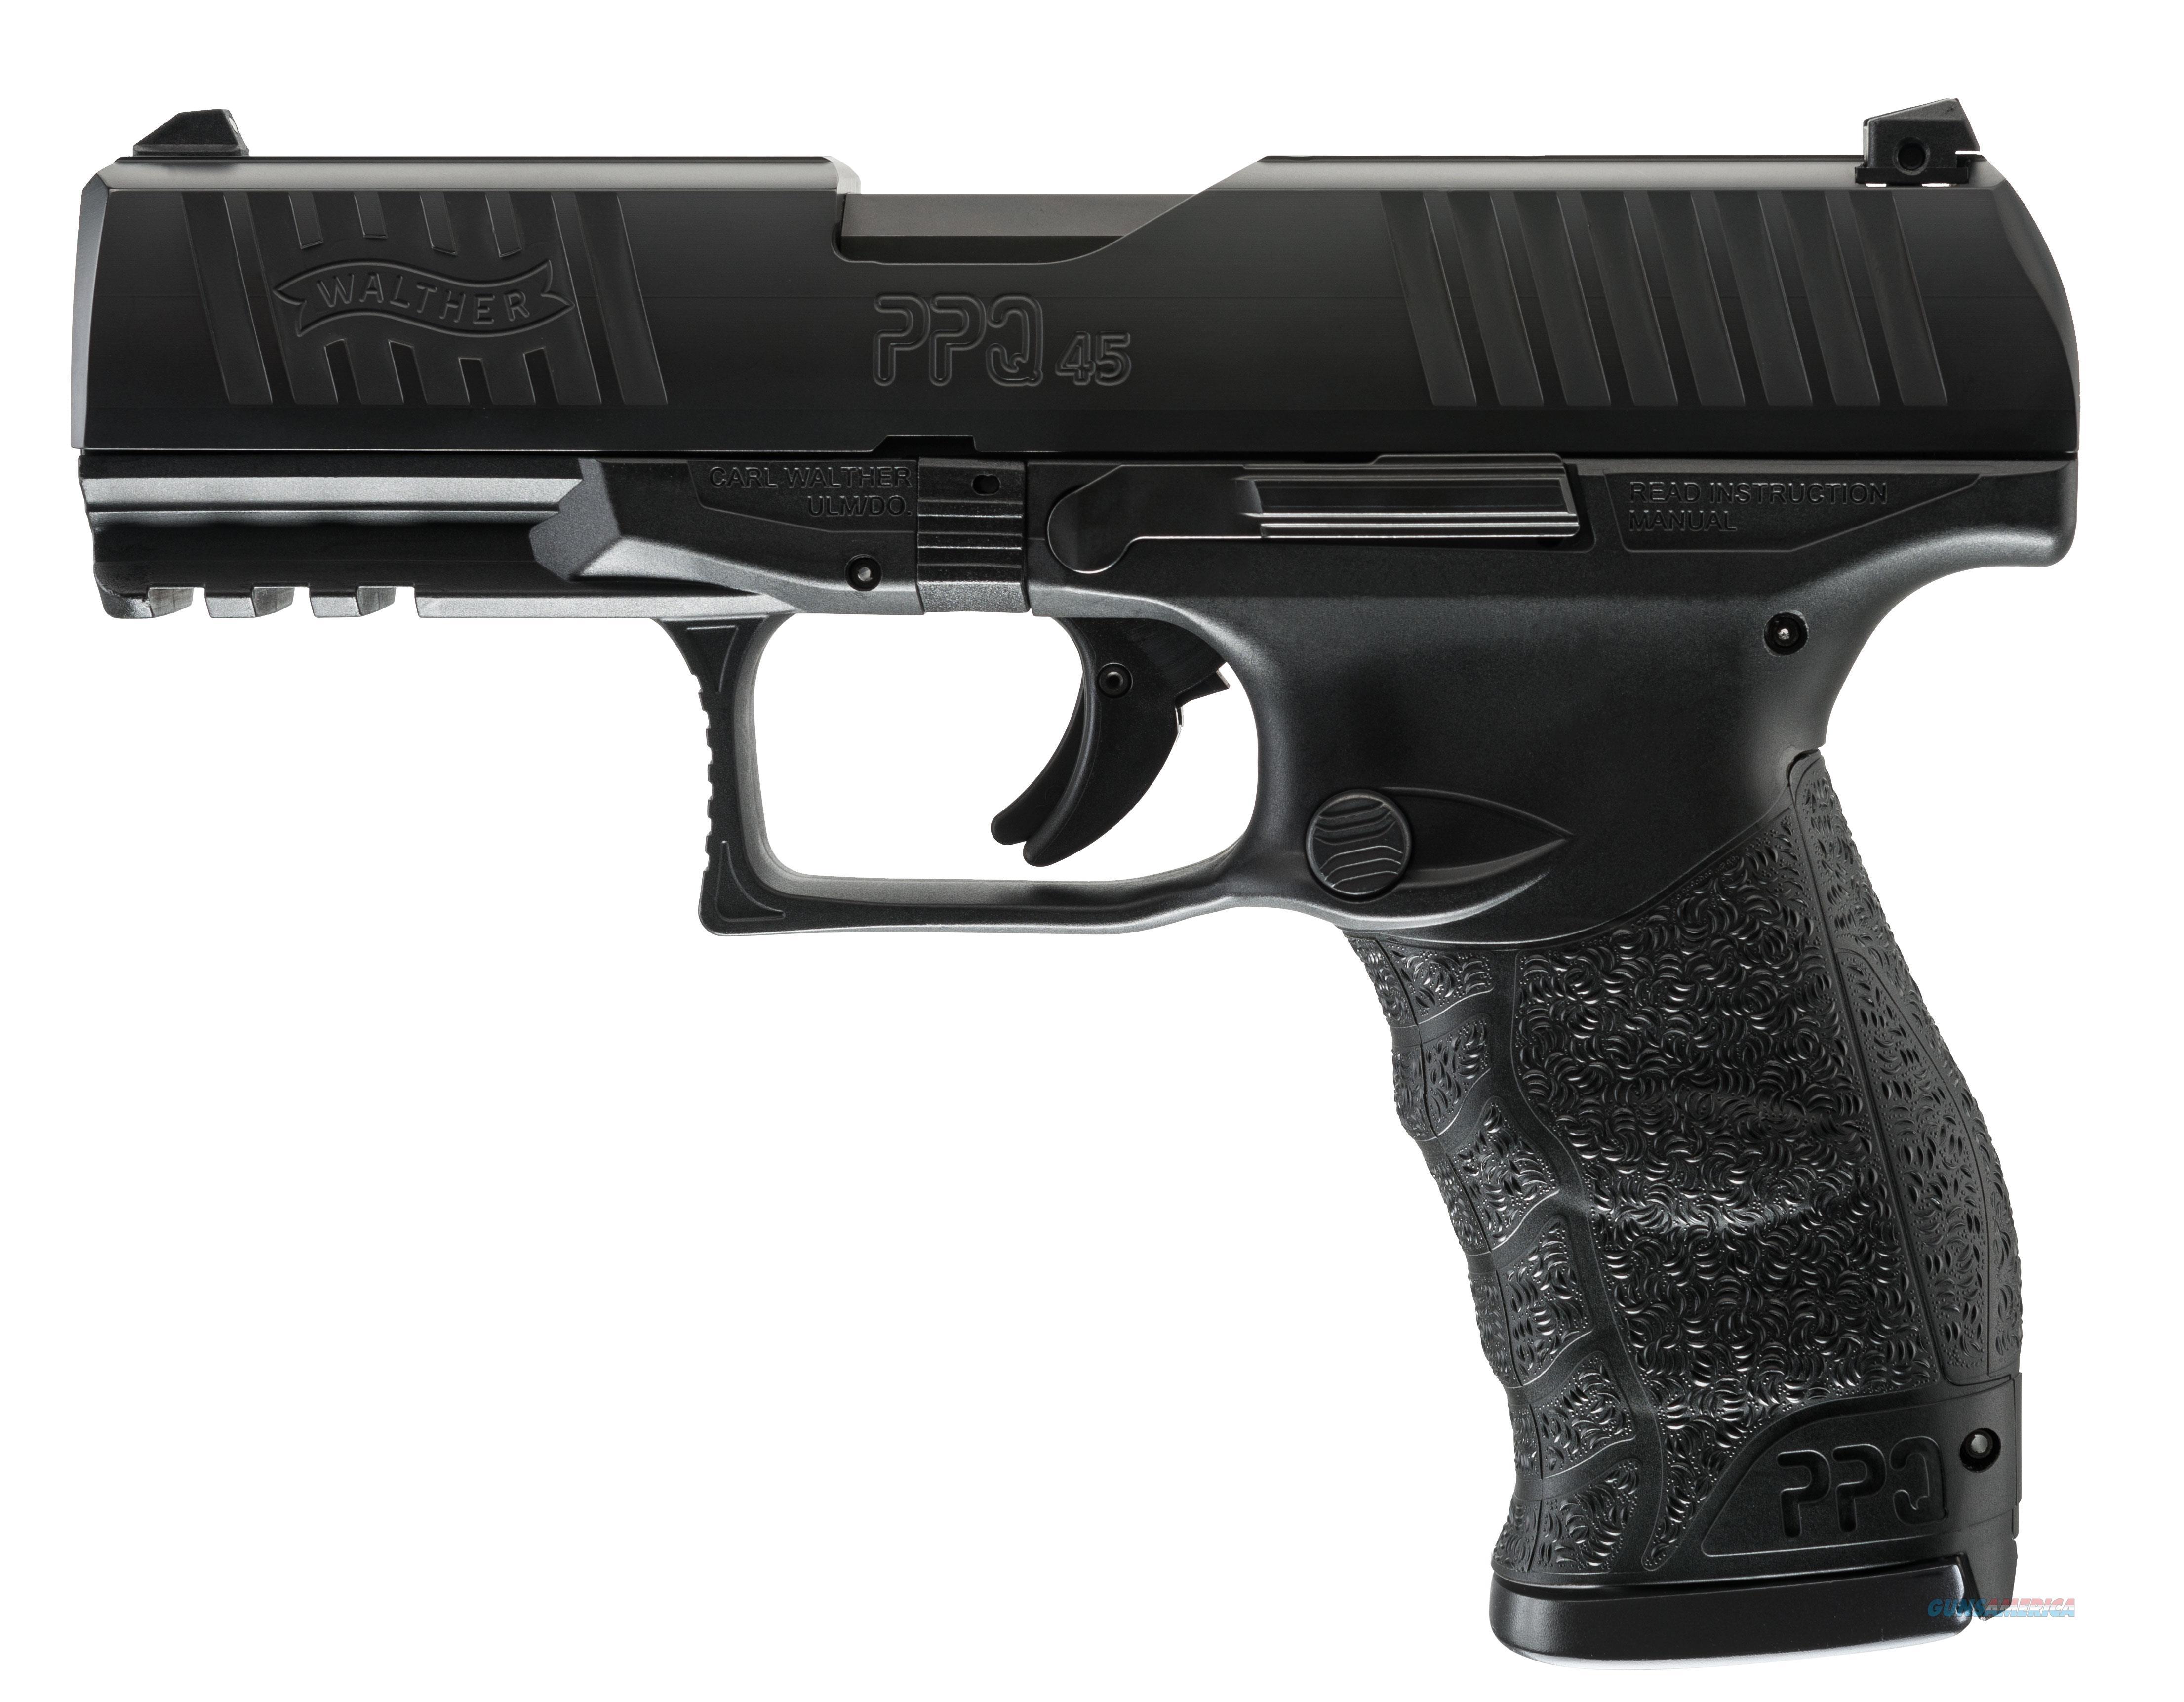 """Walther PPQ M2, 45 Acp, 4.25"""" barrel, Black, Mfg#2807076, NIB  Guns > Pistols > Walther Pistols > Post WWII > P99/PPQ"""